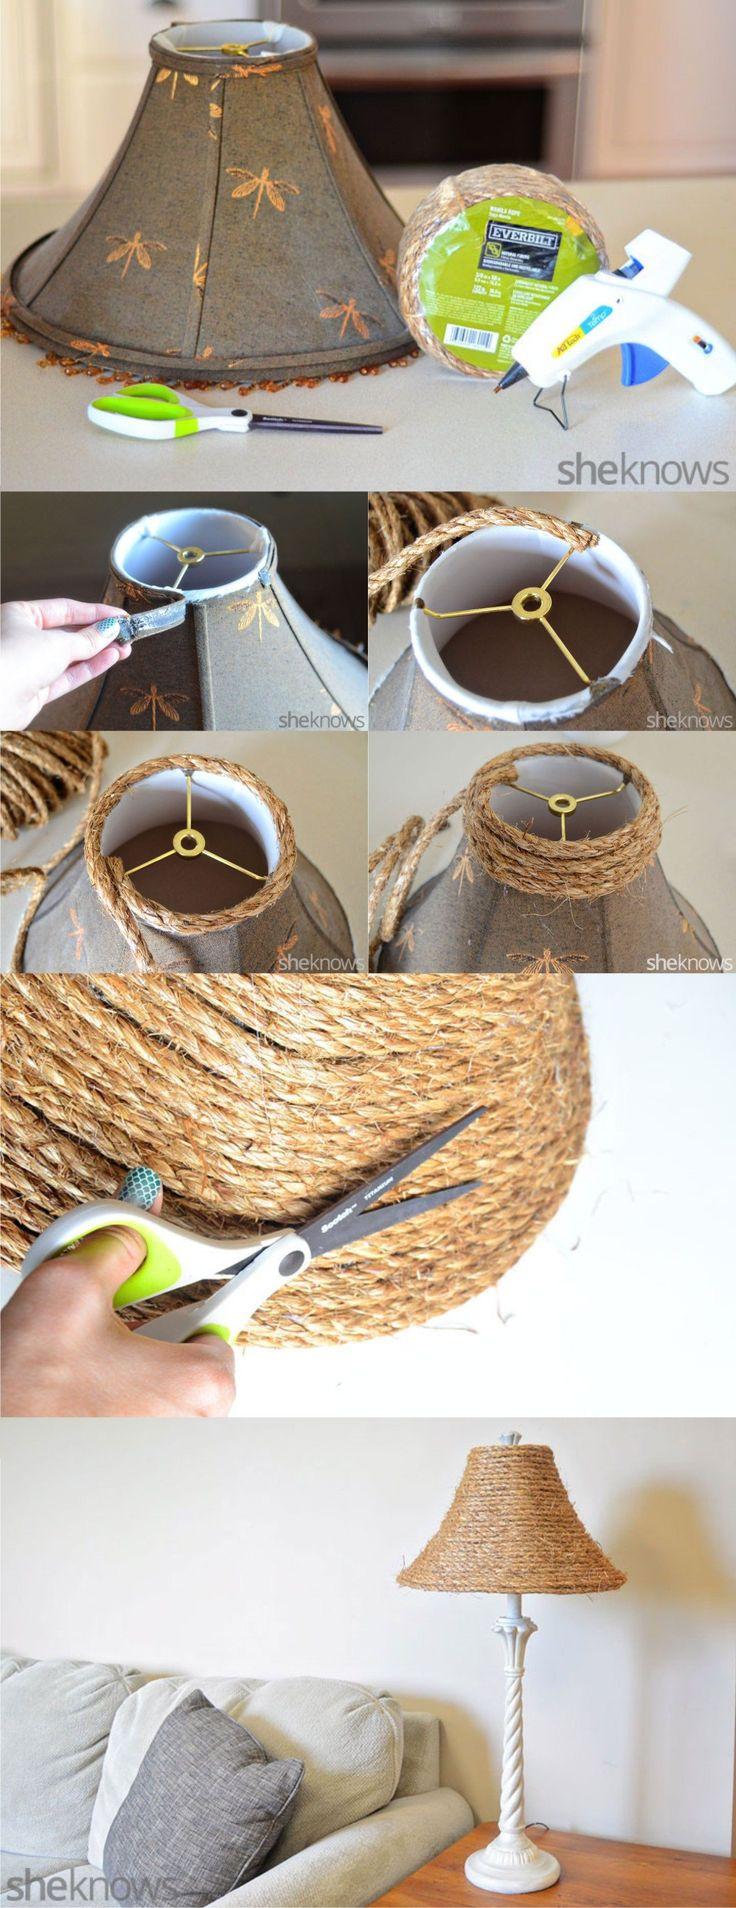 Nuevo aspecto a vieja lámpara con cuerda - sheknows.com - DIY Rope -new life to a boring old lamp shade